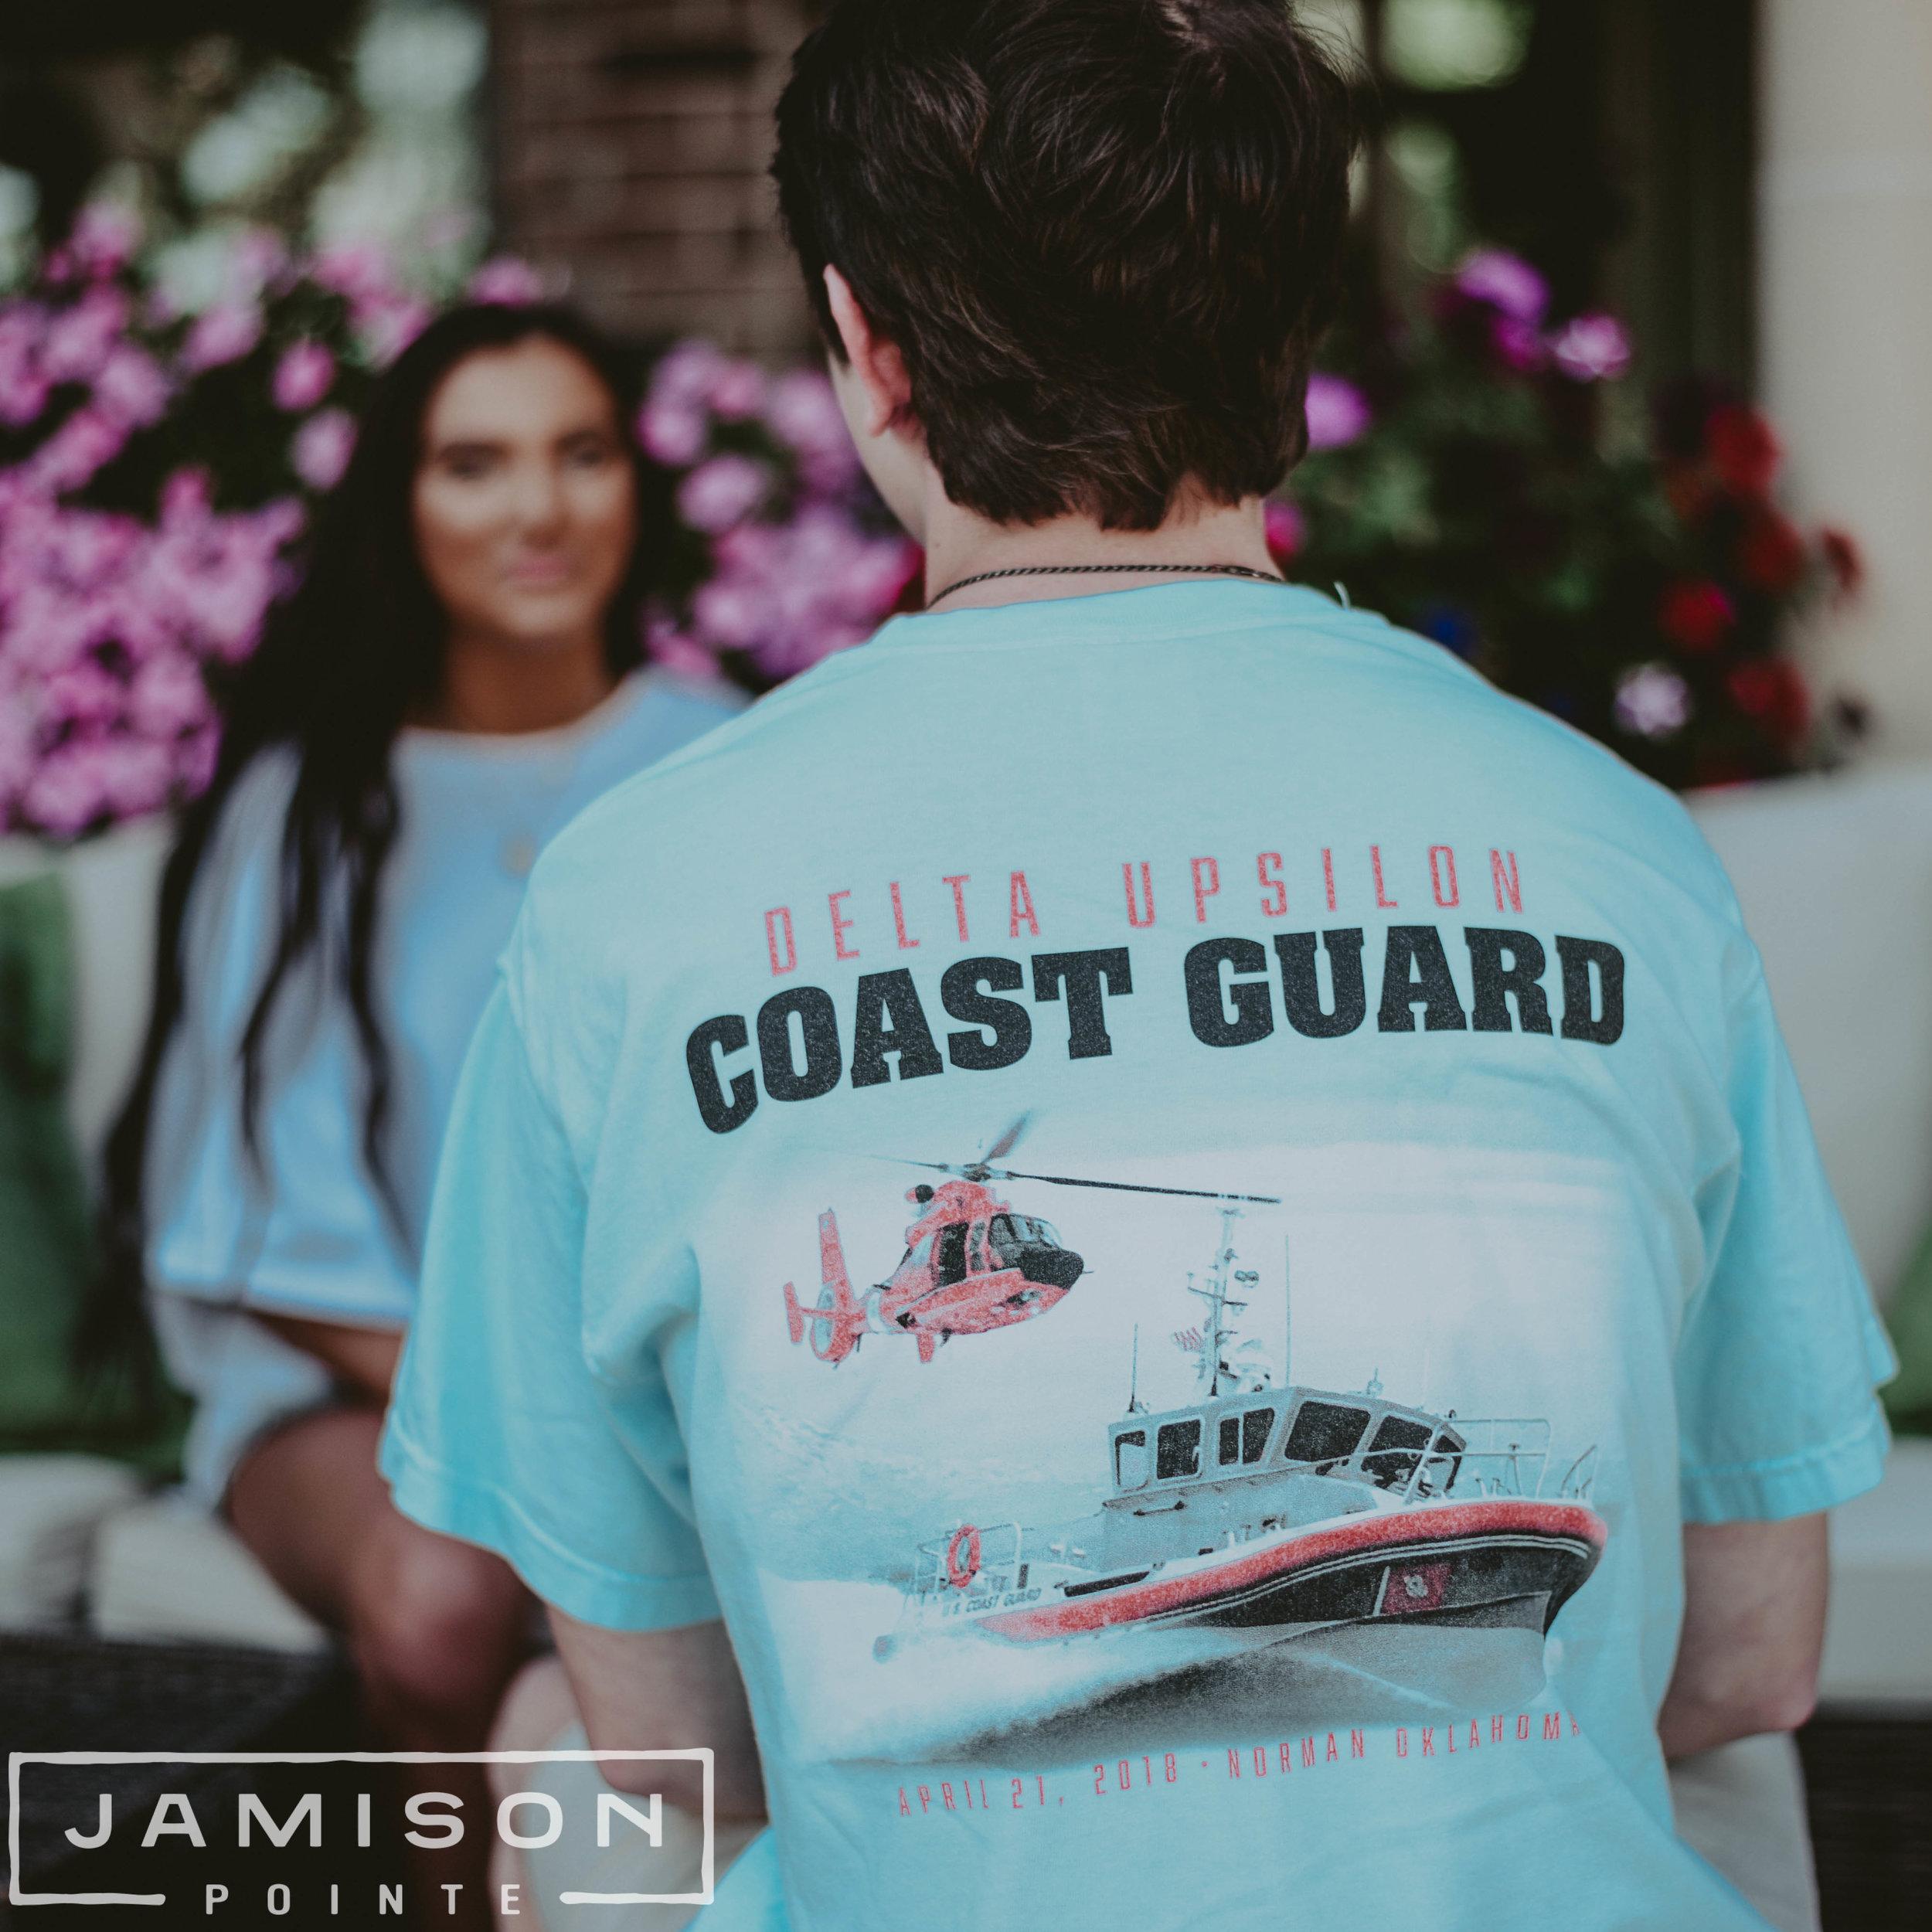 Delta Upsilon Coast Guard Tee